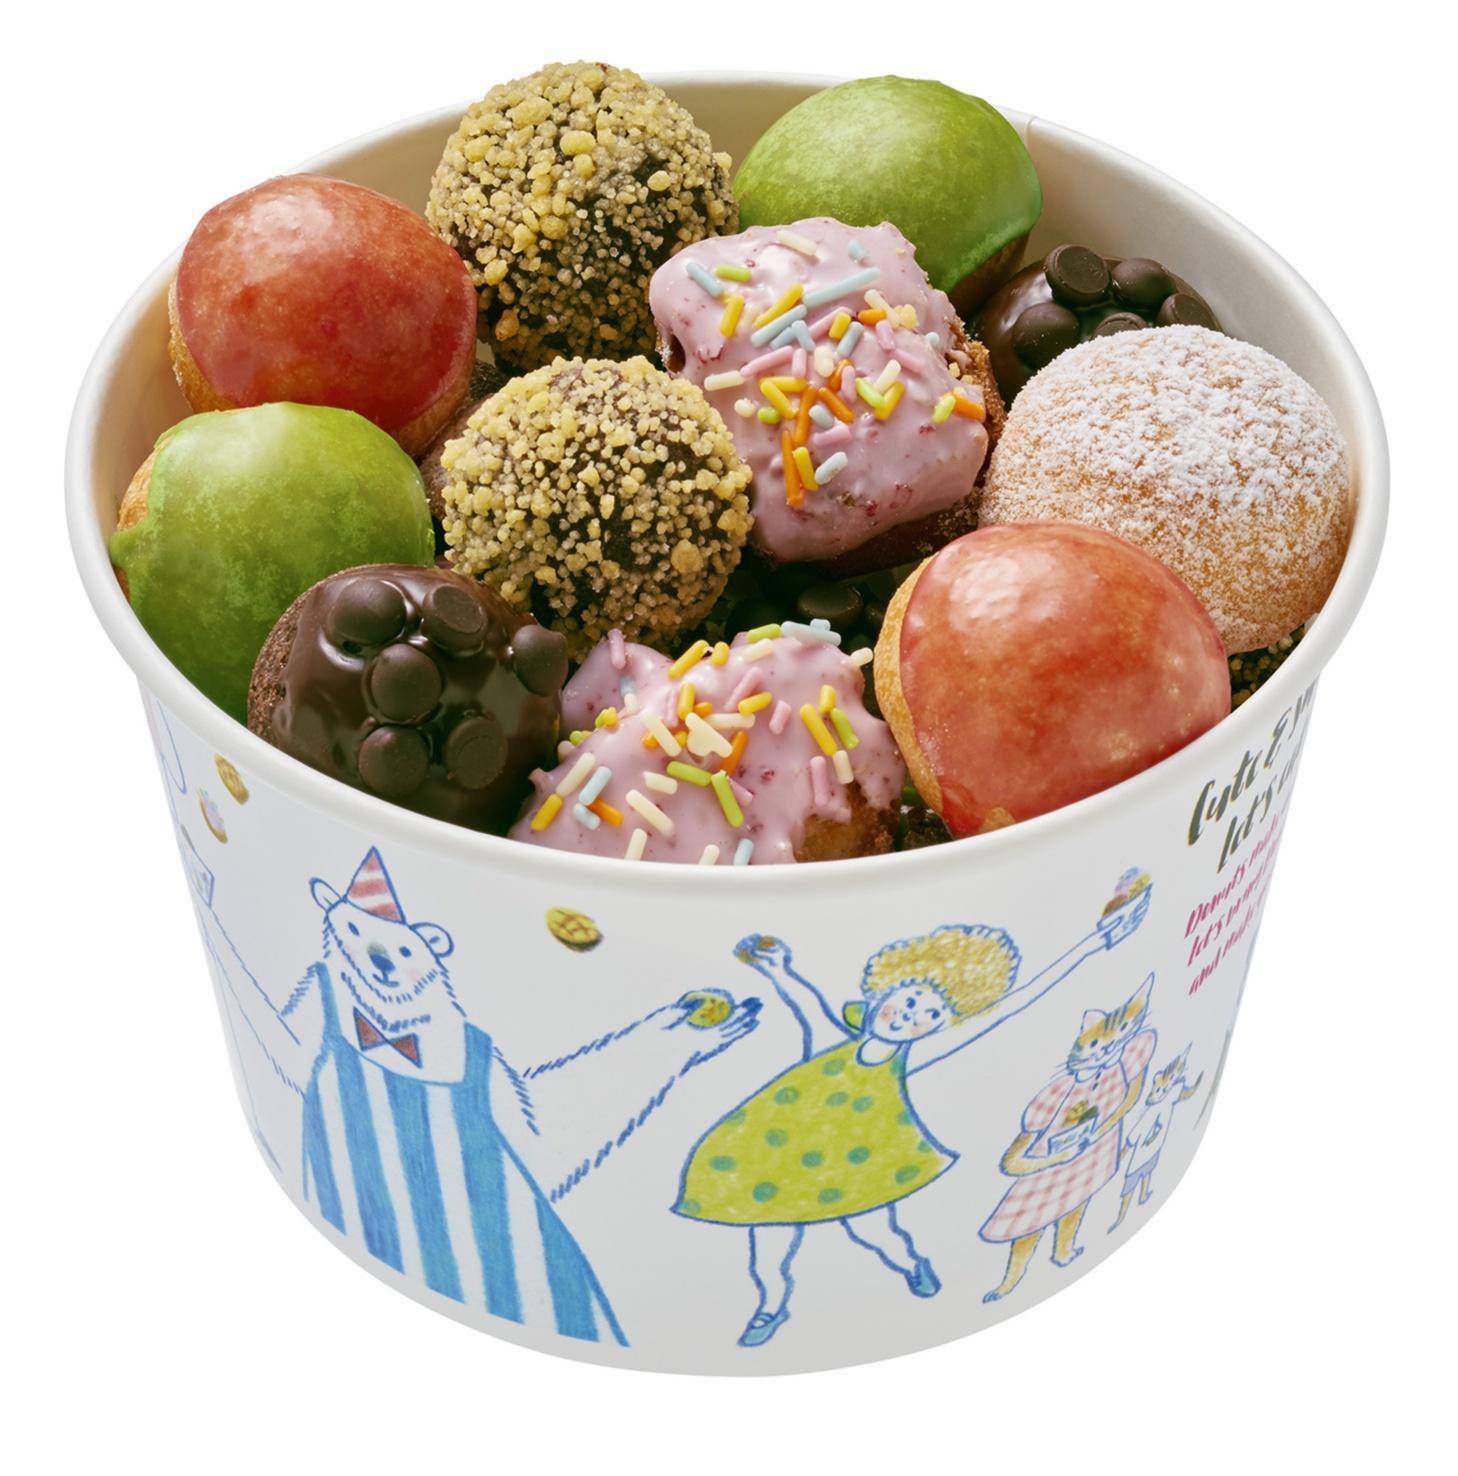 おうちでサクッとクリスマスなら『ミスタードーナツ』が欠かせない! 今年もカラフルですよ〜☆【12/25(月)まで】_1_3